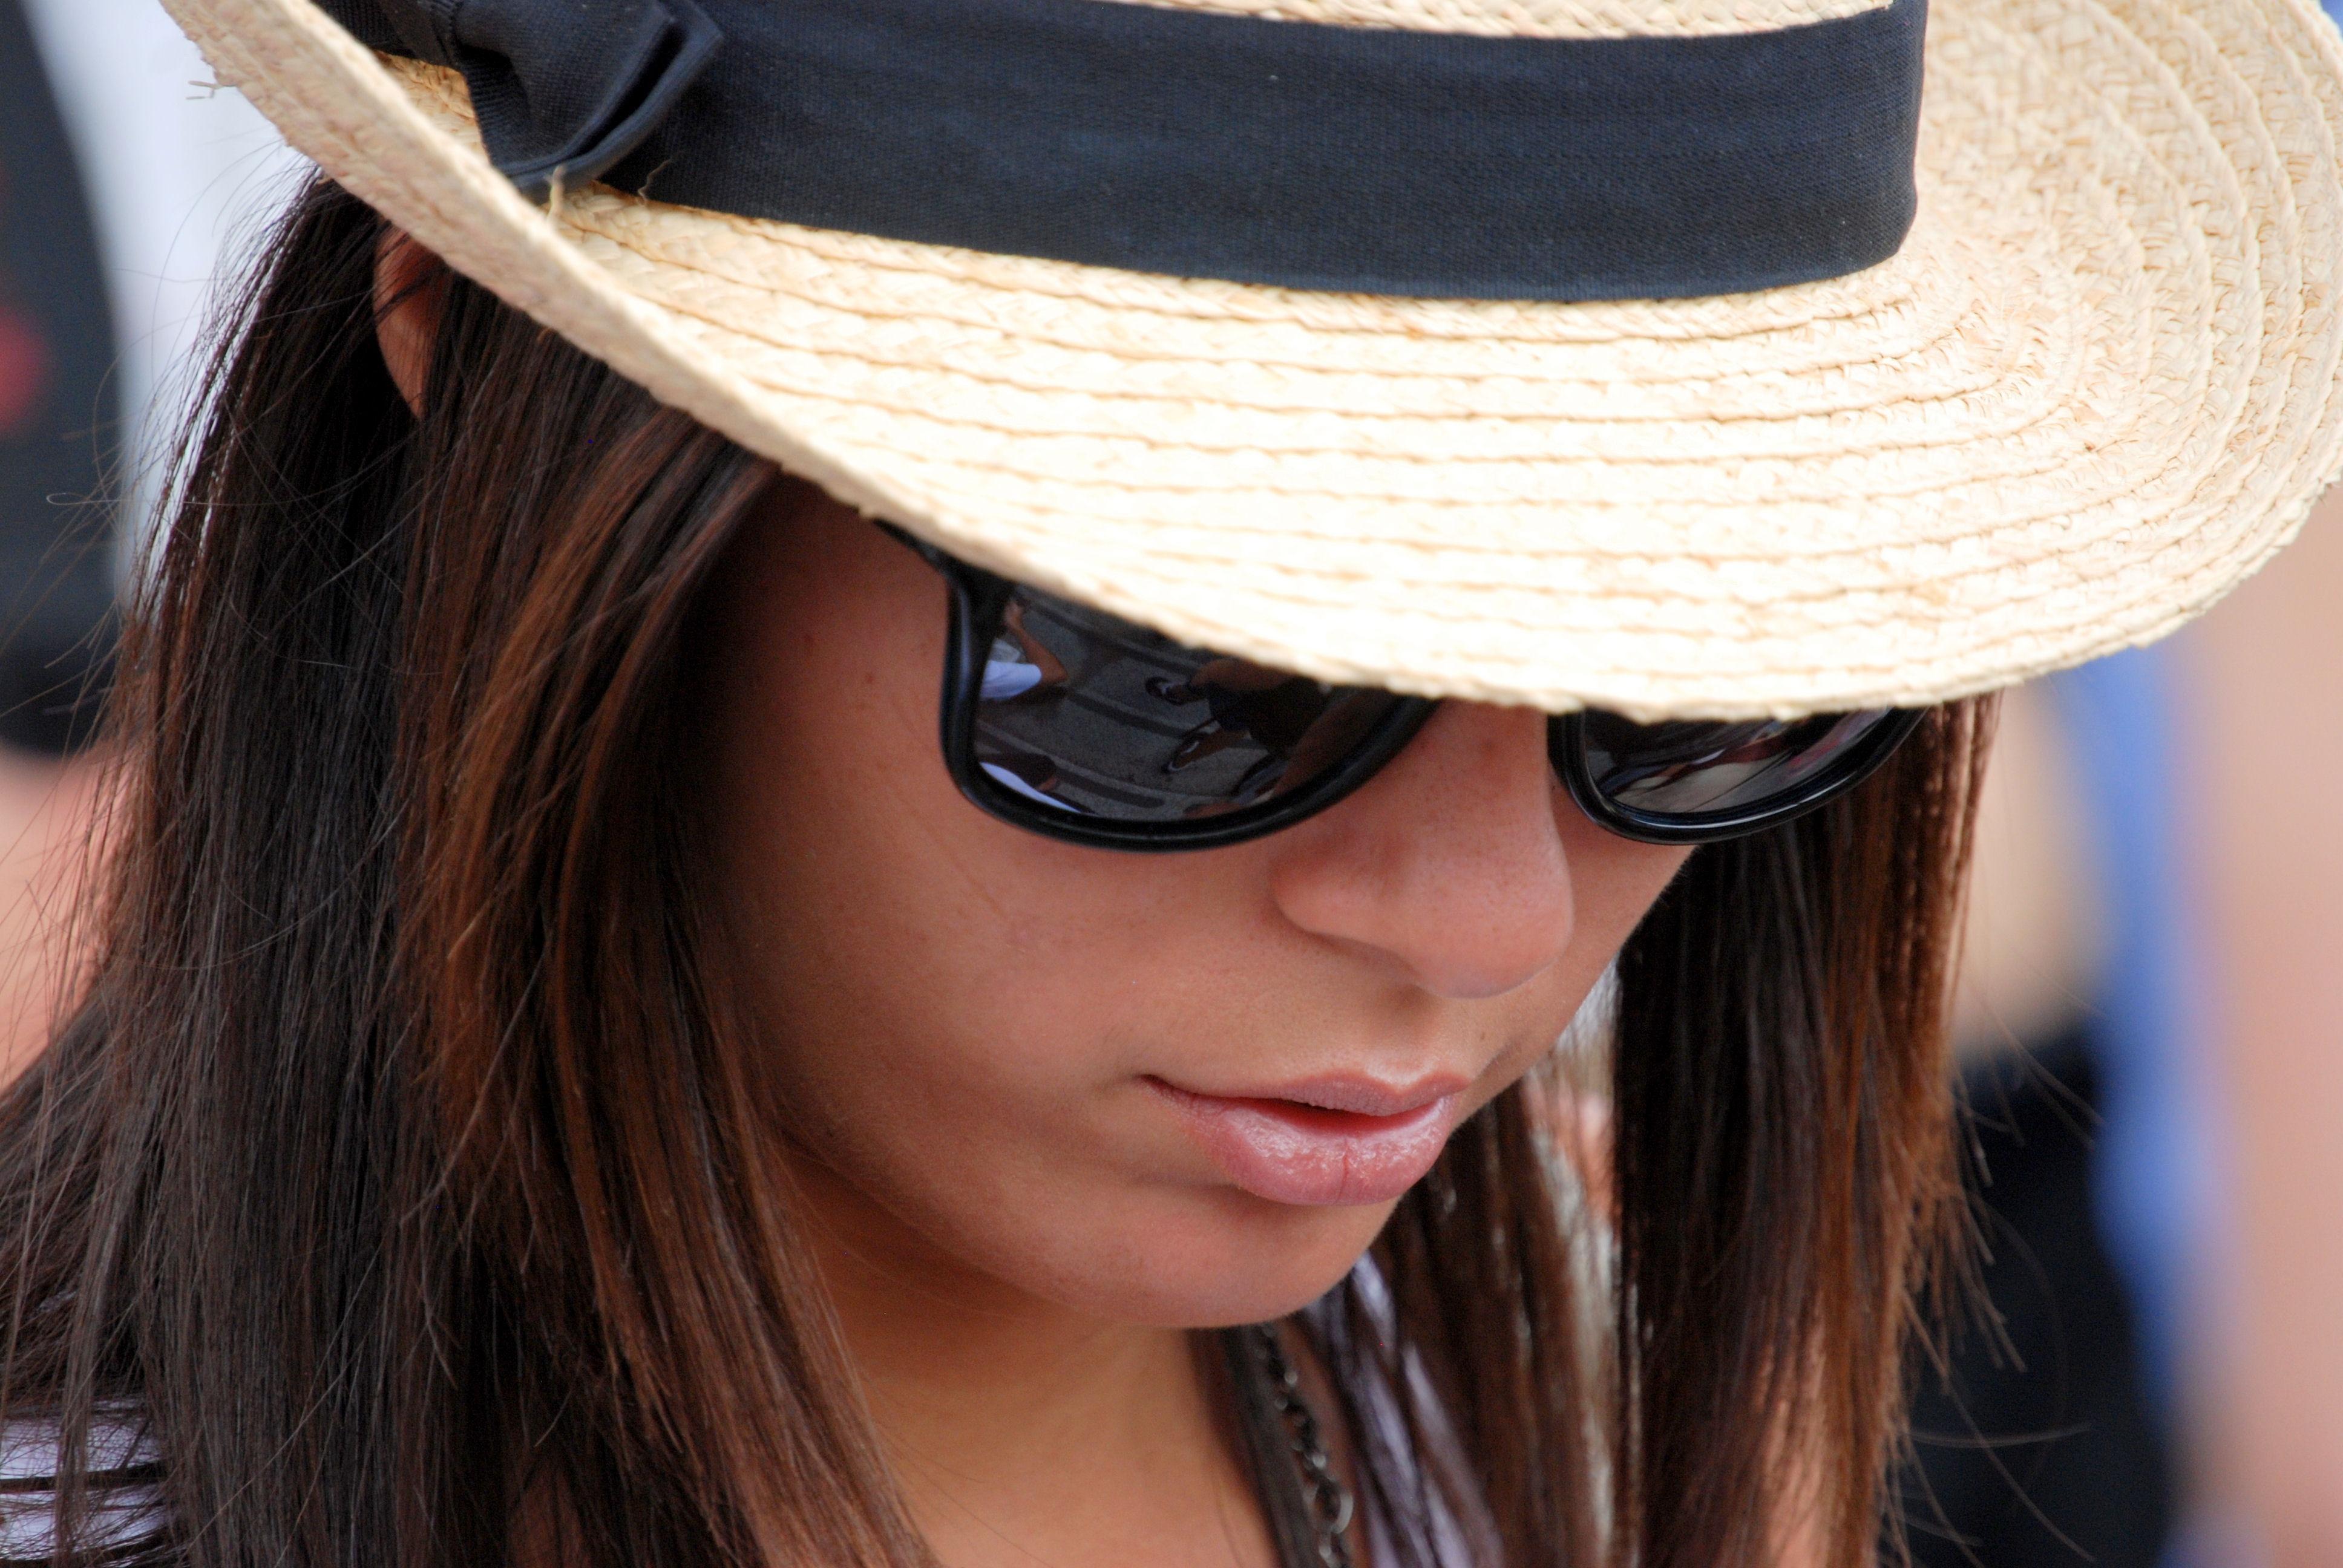 8368824d0d69 pige kvinde hår model hat mode tøj hovedbeklædning frisure langt hår  solbriller briller kasket hoved skønhed